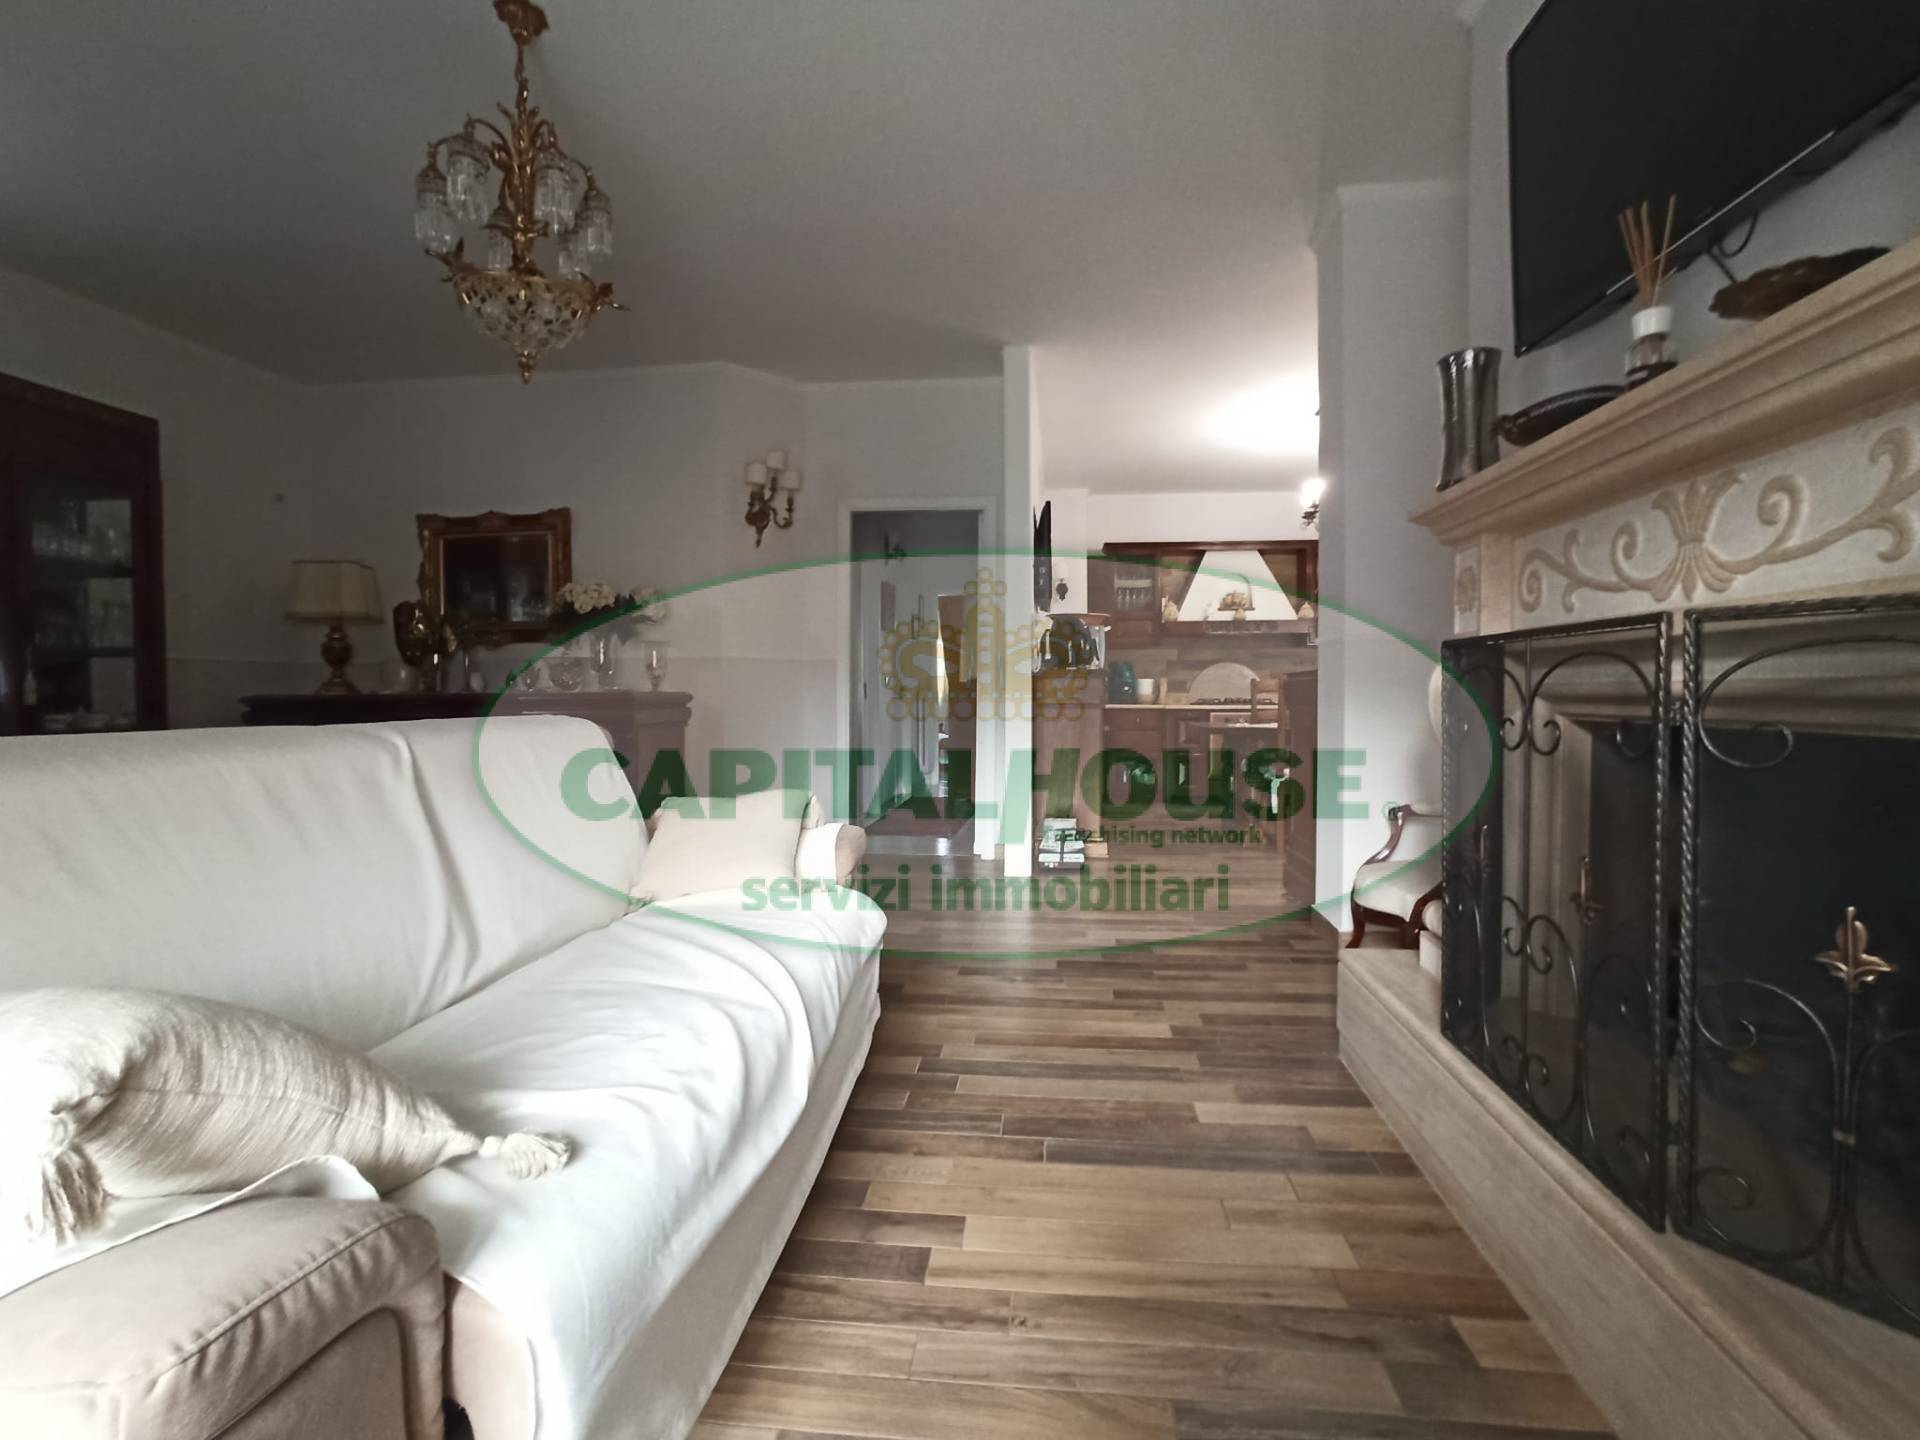 Appartamento in vendita a Ottaviano, 3 locali, Trattative riservate | CambioCasa.it